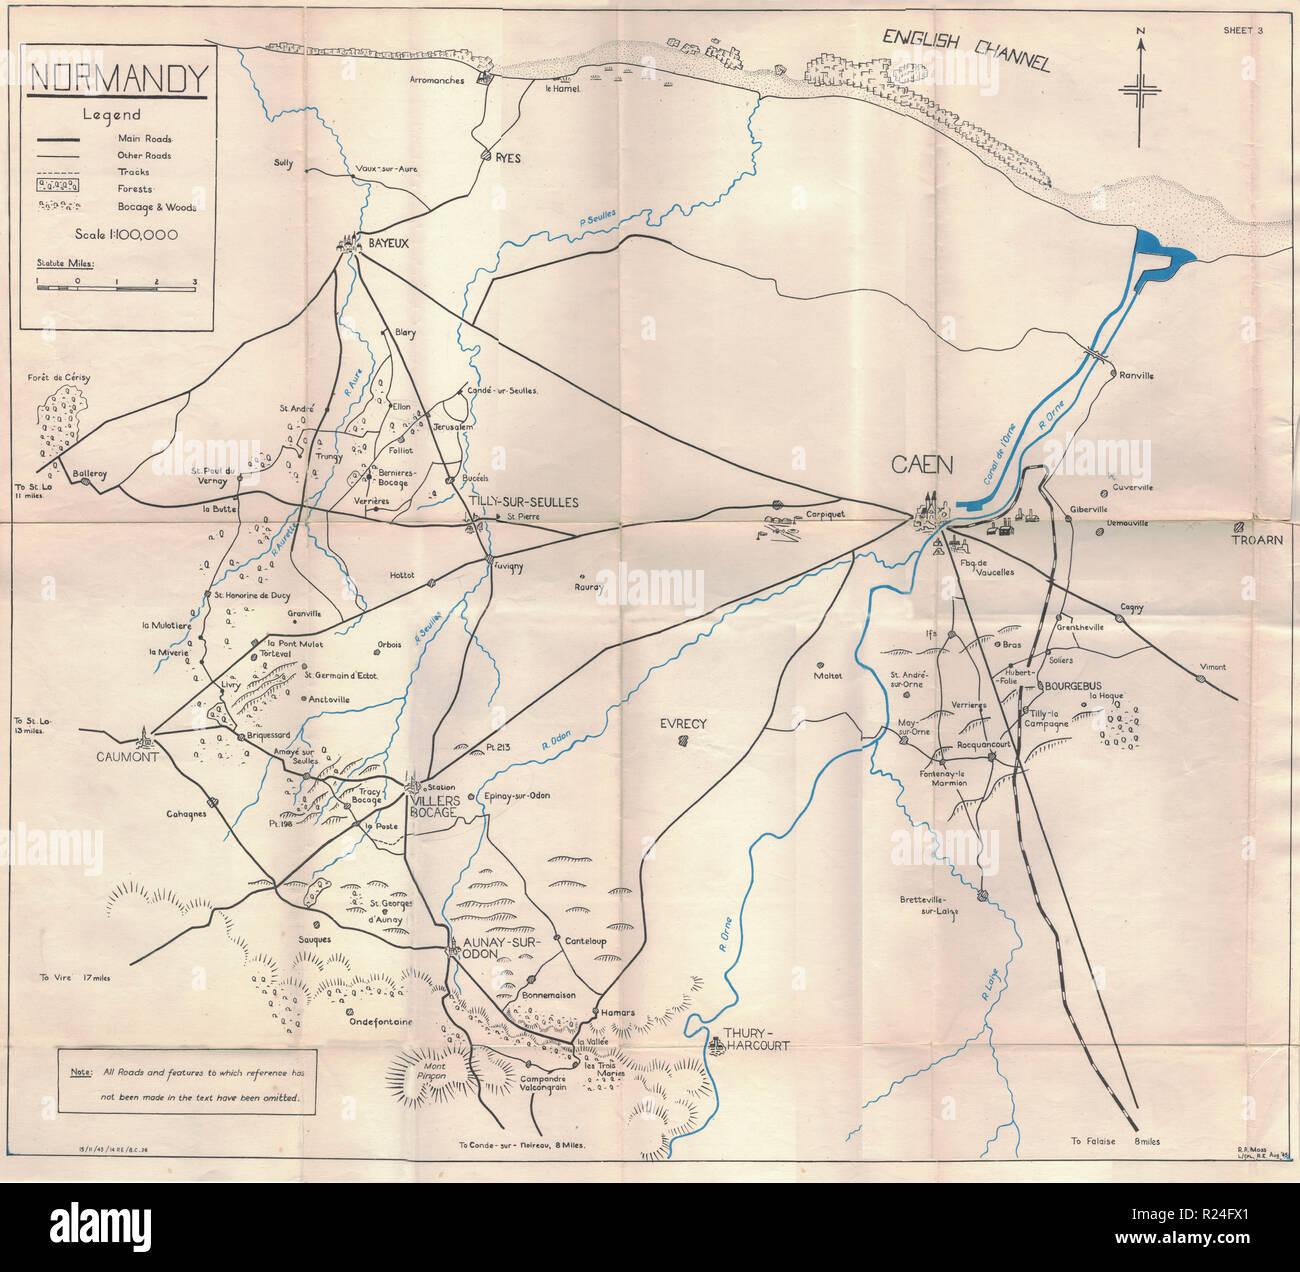 Guerra Mundial 2 mapas de campaña europea 1945, Normandía Imagen De Stock